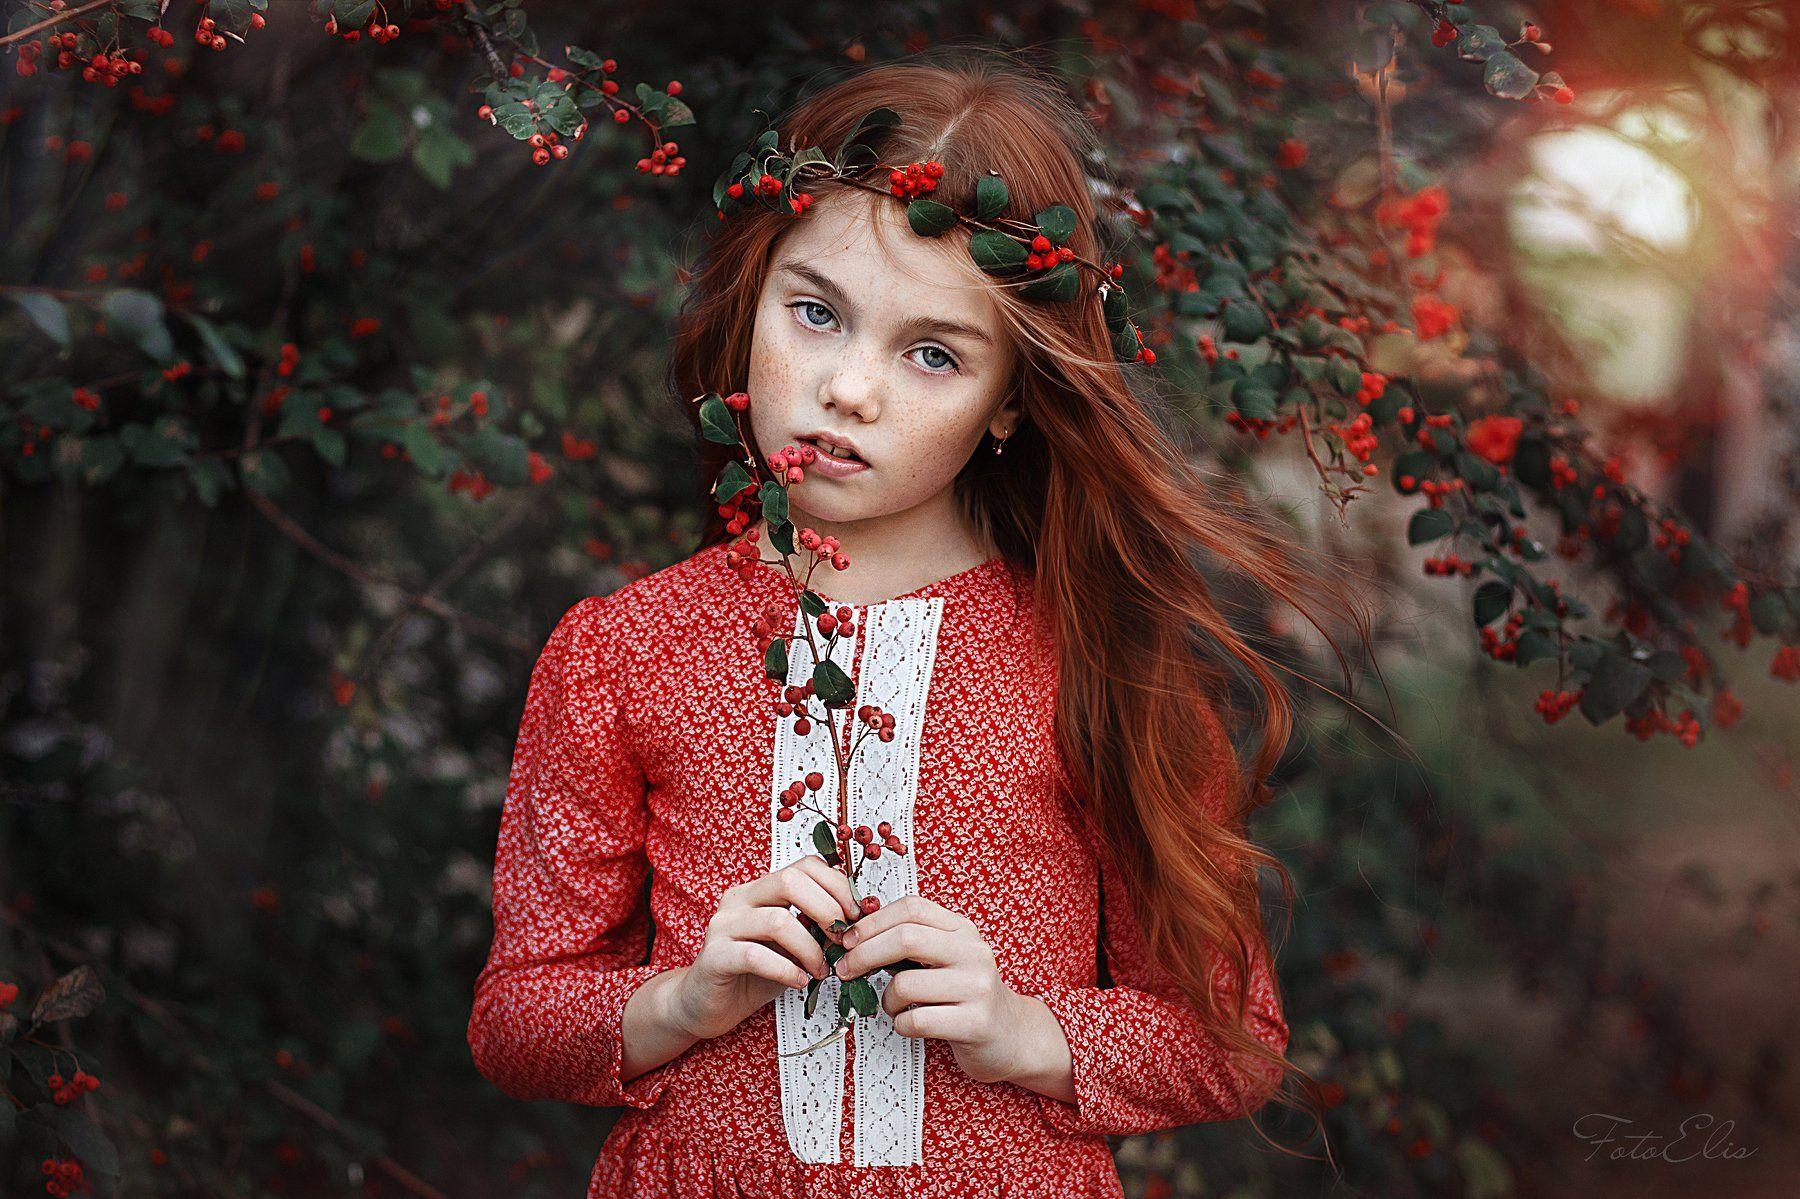 портрет, детский портрет, детская фотография, модель, дети, девочка, красивая модель, красивая девочка., Запорощенко Эльвира